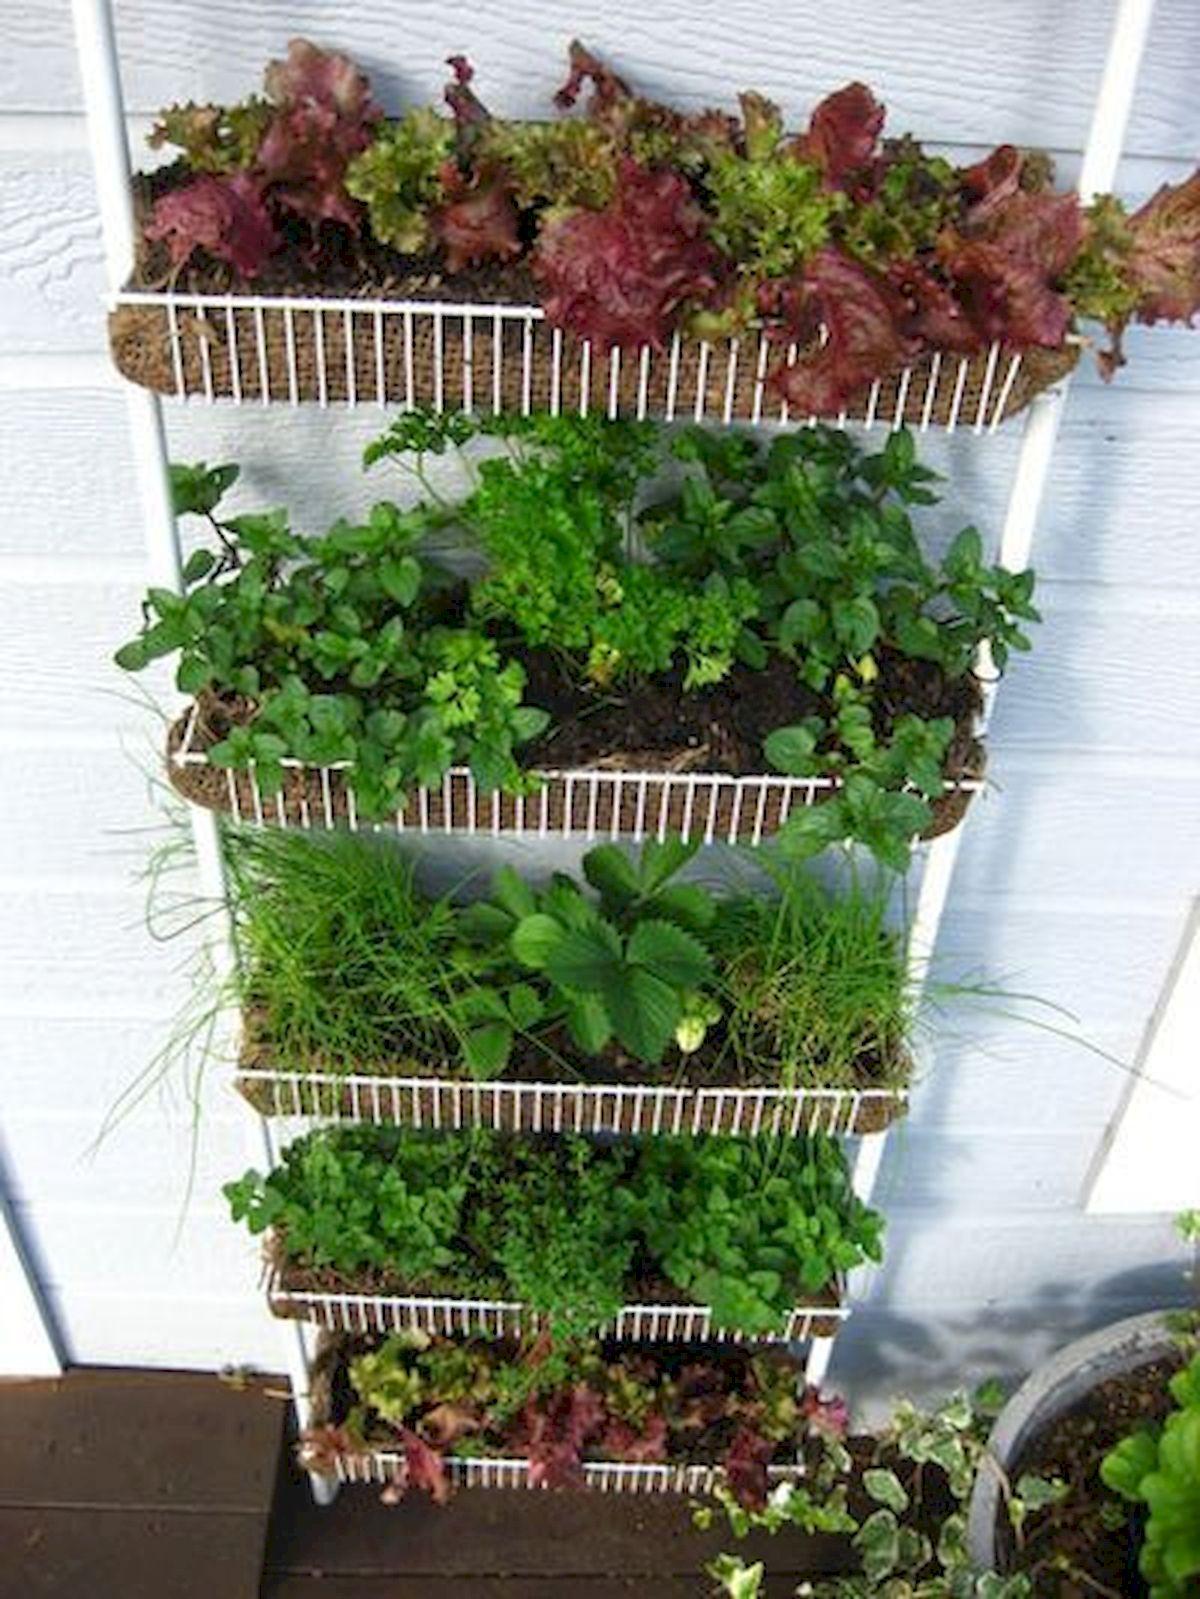 50 Inspiring Small Vegetable Garden Ideas (37 ...